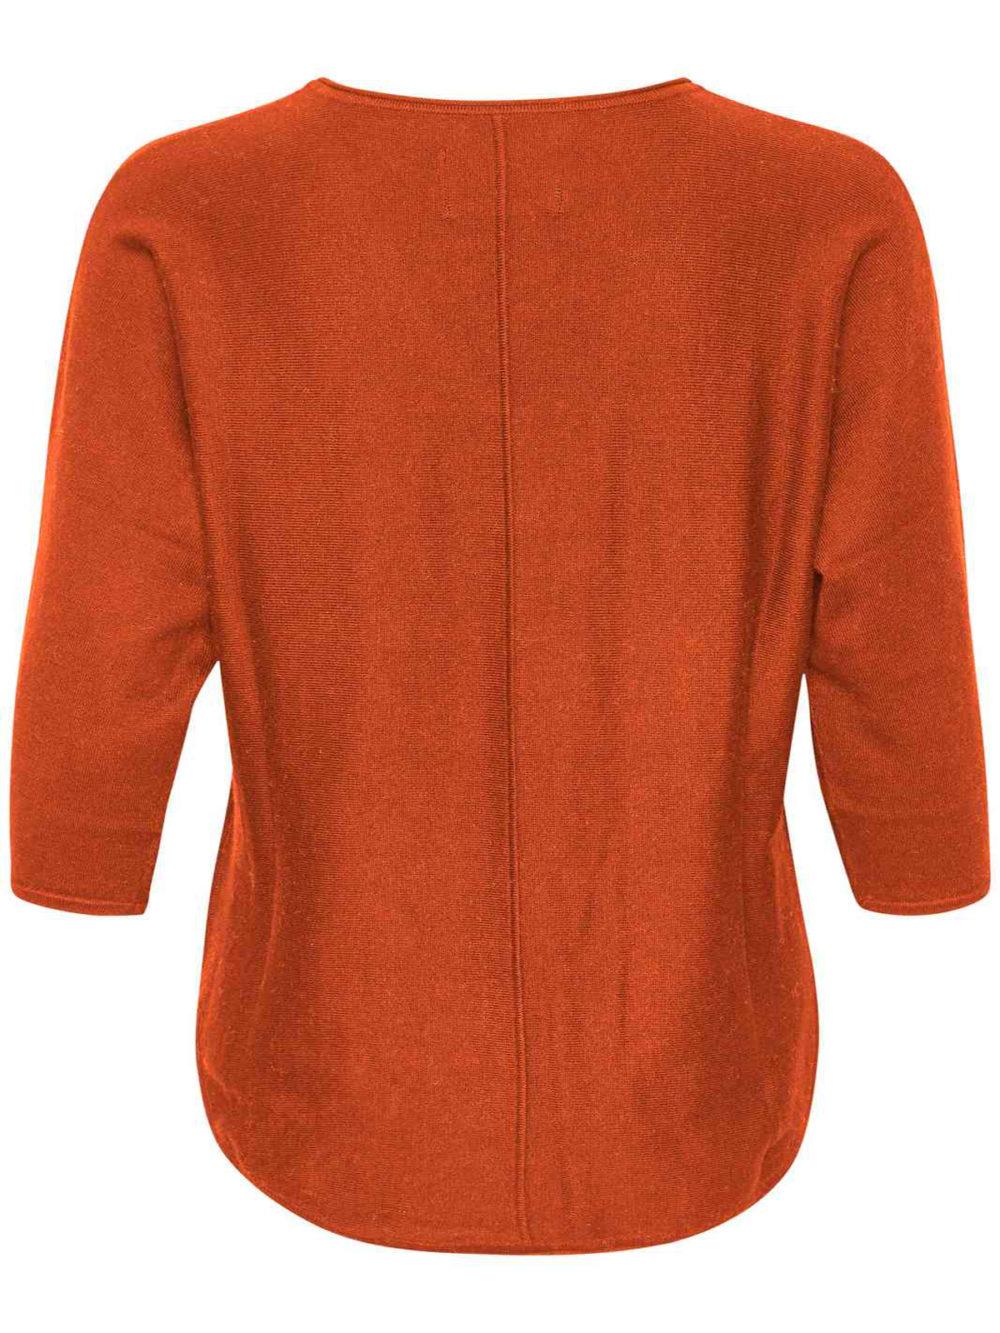 Hido Pullover Orange PT507